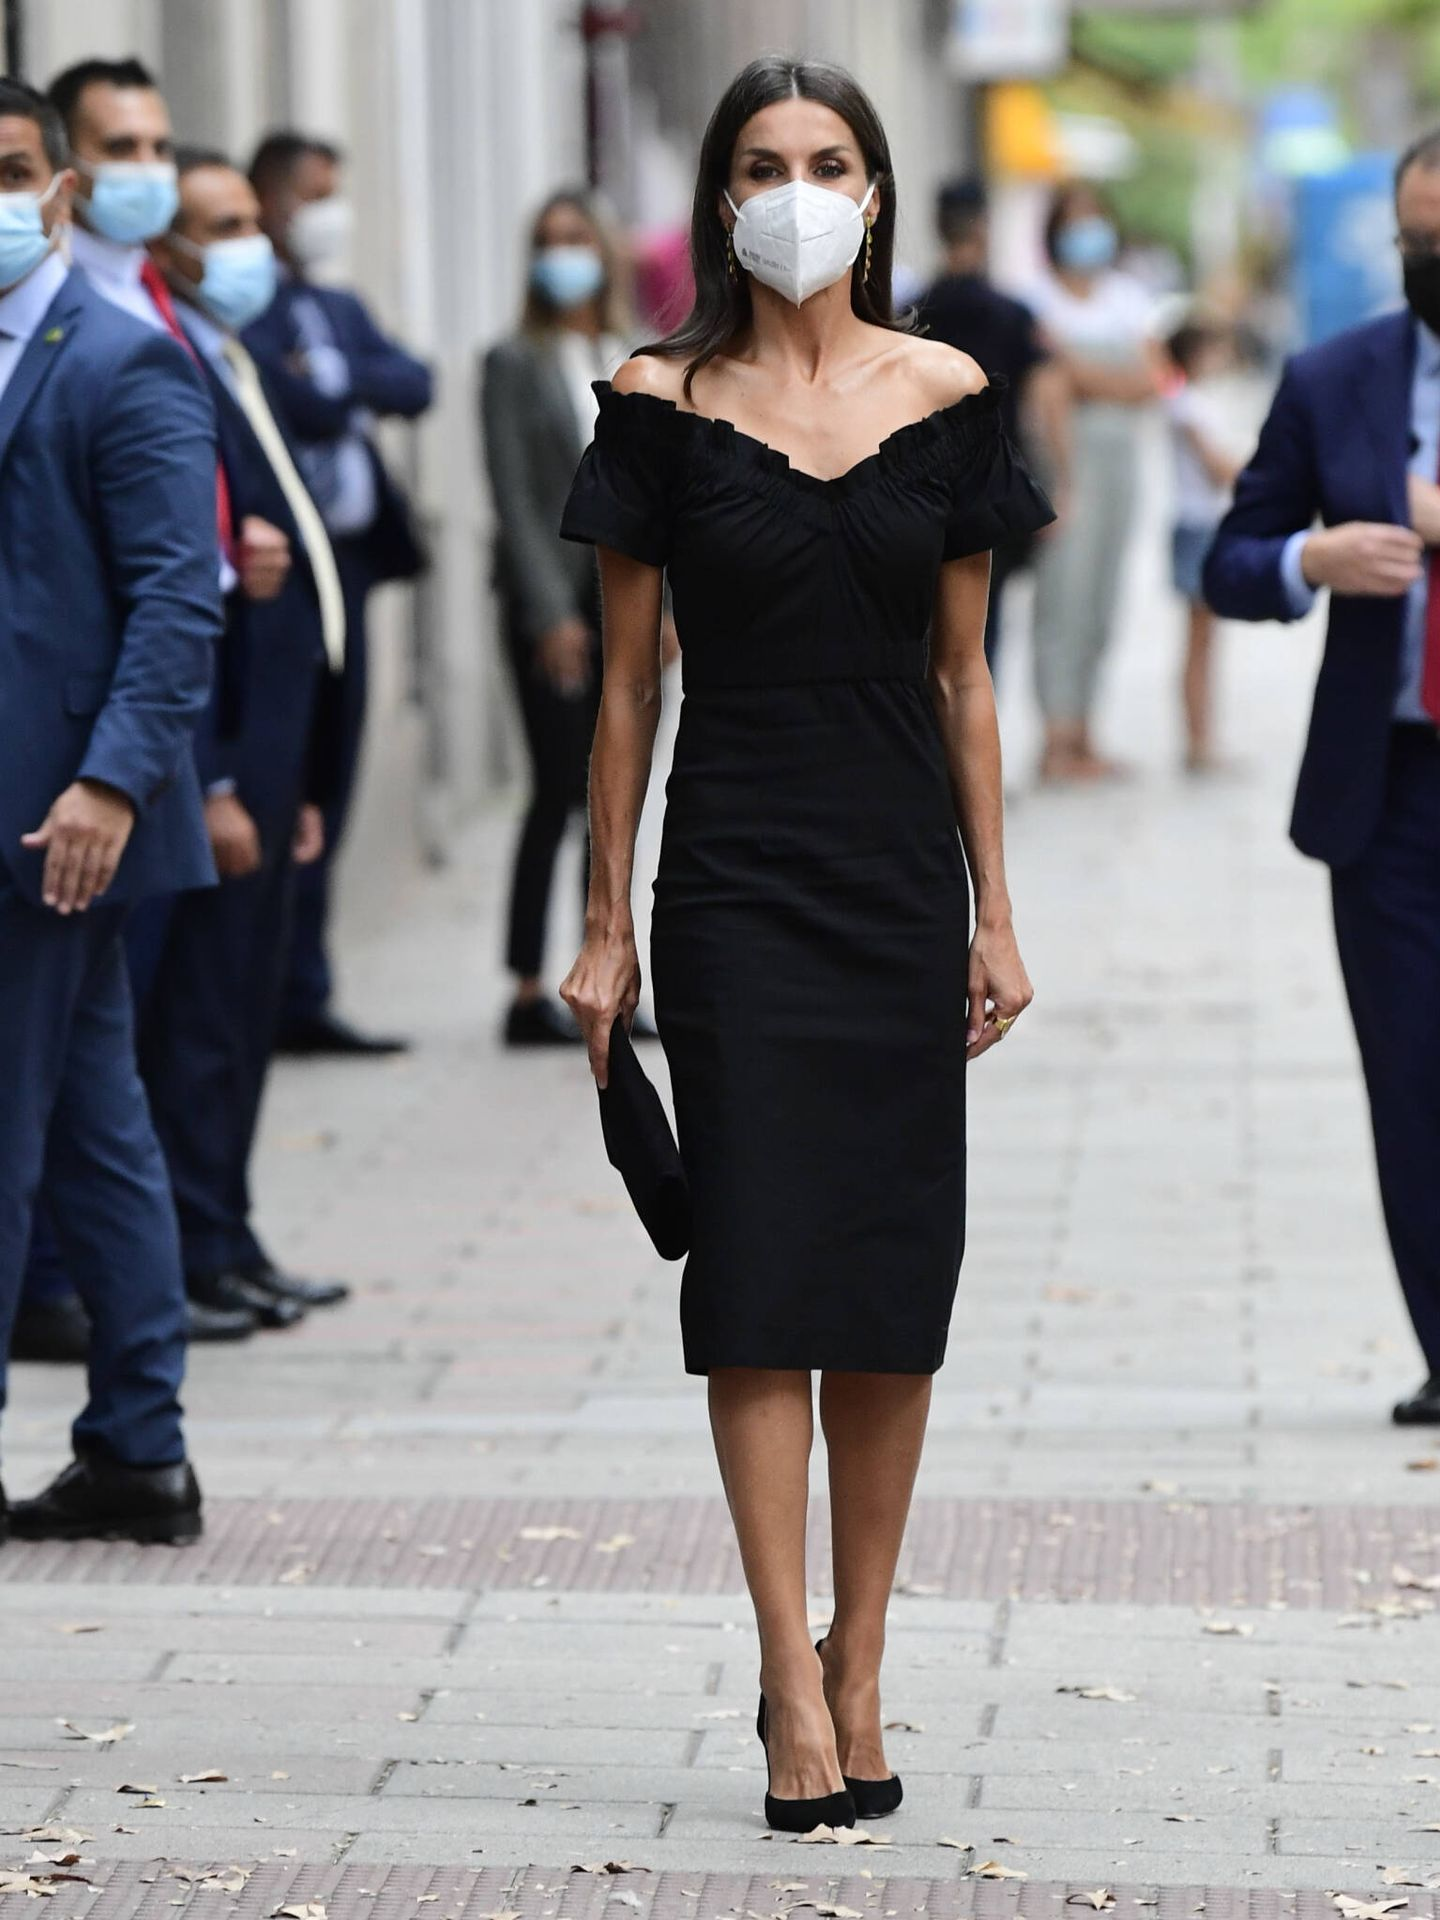 La reina Letizia, en su llegada al acto. (Limited Pictures)